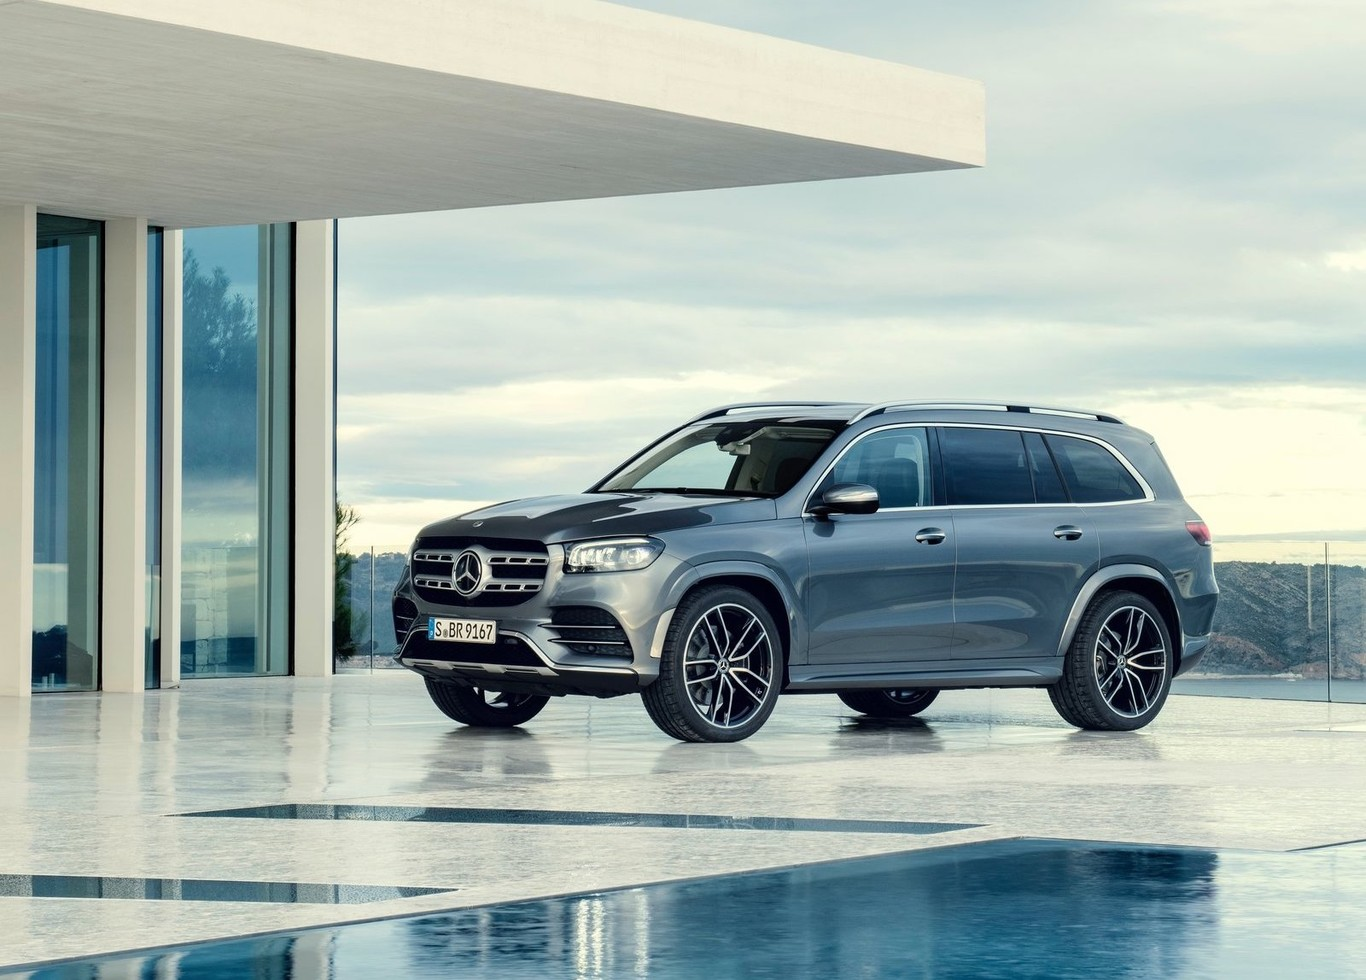 El nuevo Mercedes-Benz GLS es todo lo que un Clase S, pero con capacidad off-road